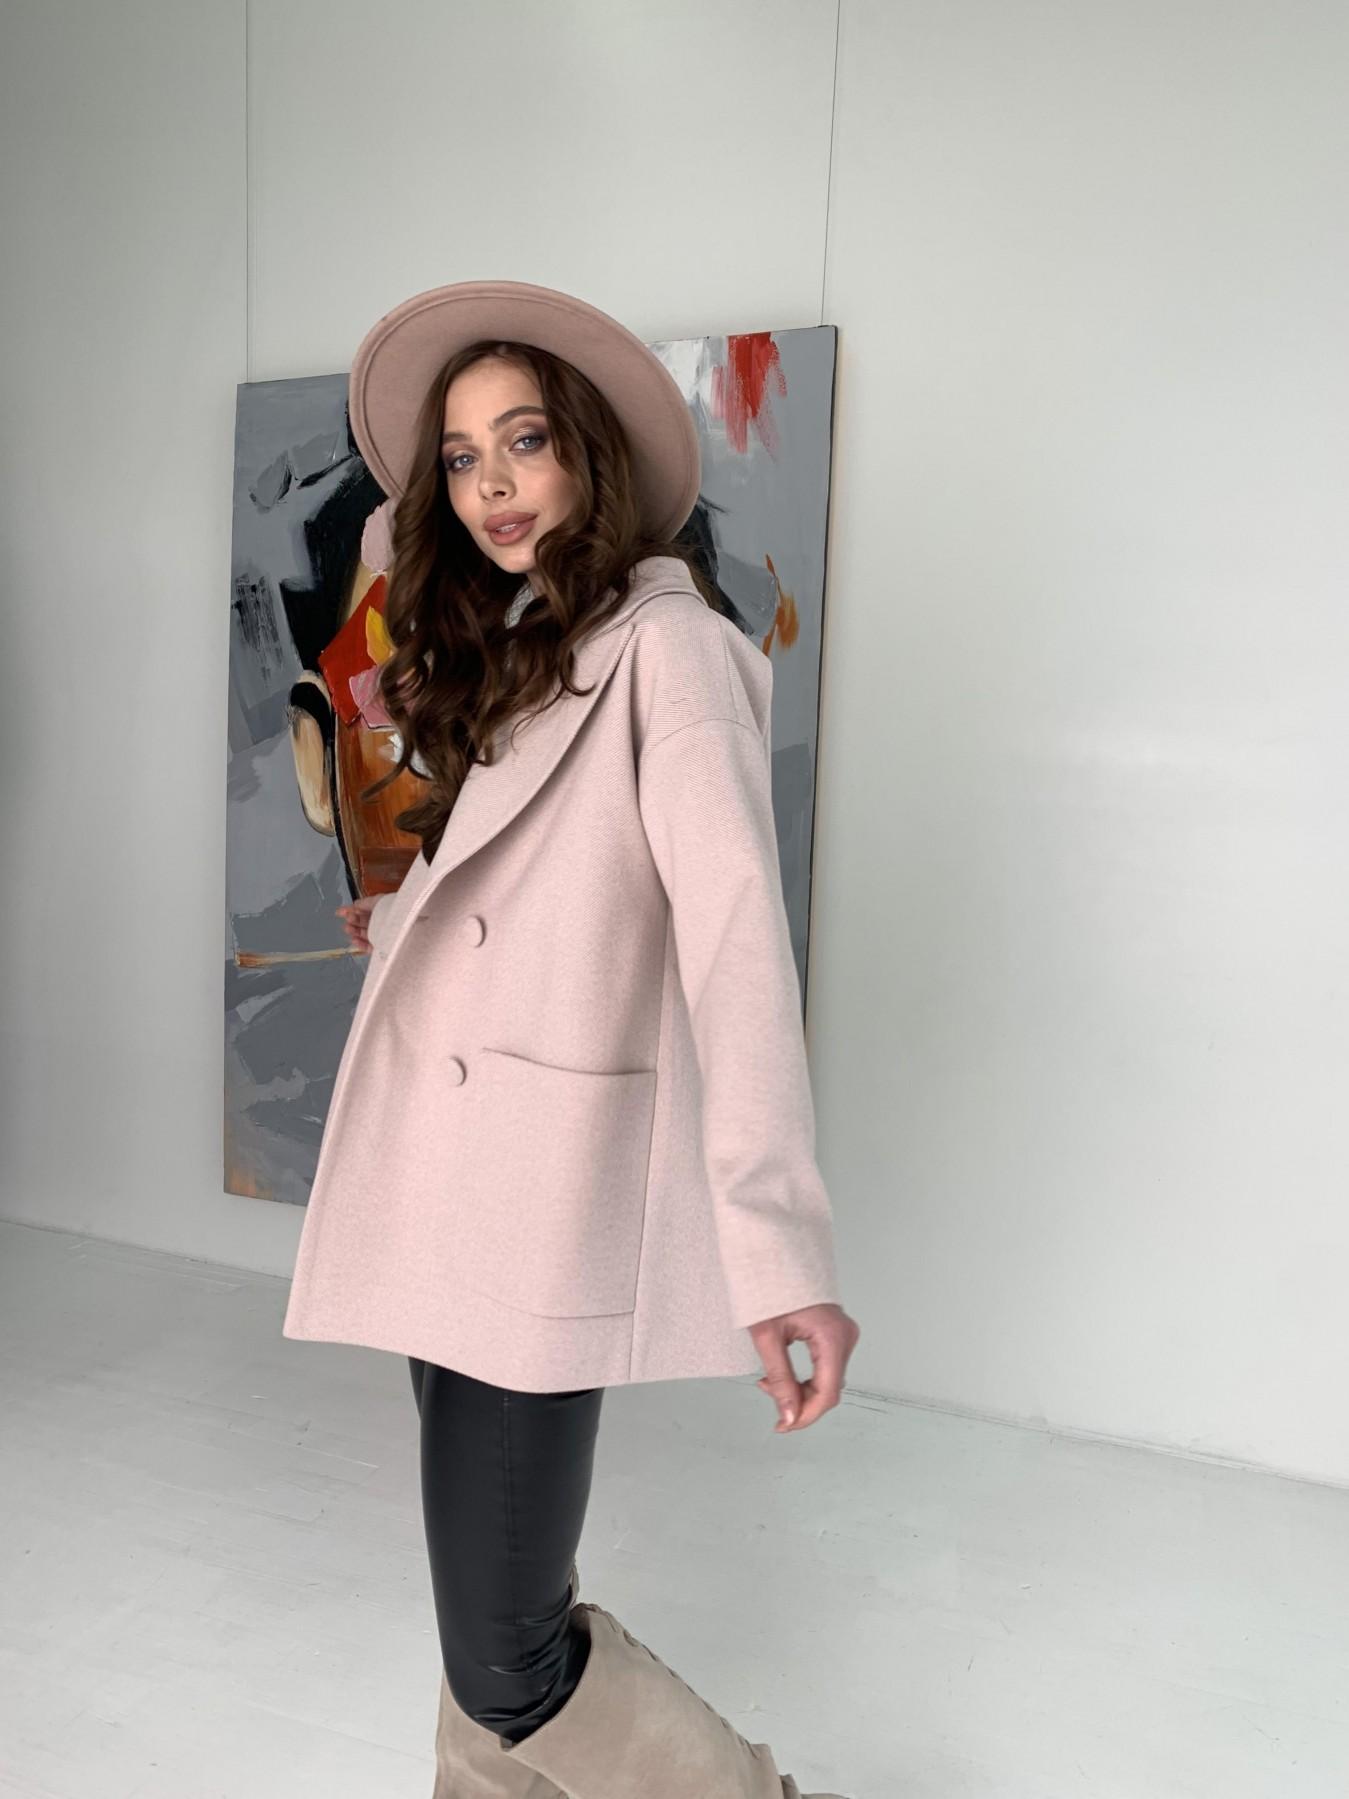 Мансера пальто в мелкую елочку из пальтовой ткани 10627 АРТ. 47001 Цвет: Пудра - фото 8, интернет магазин tm-modus.ru